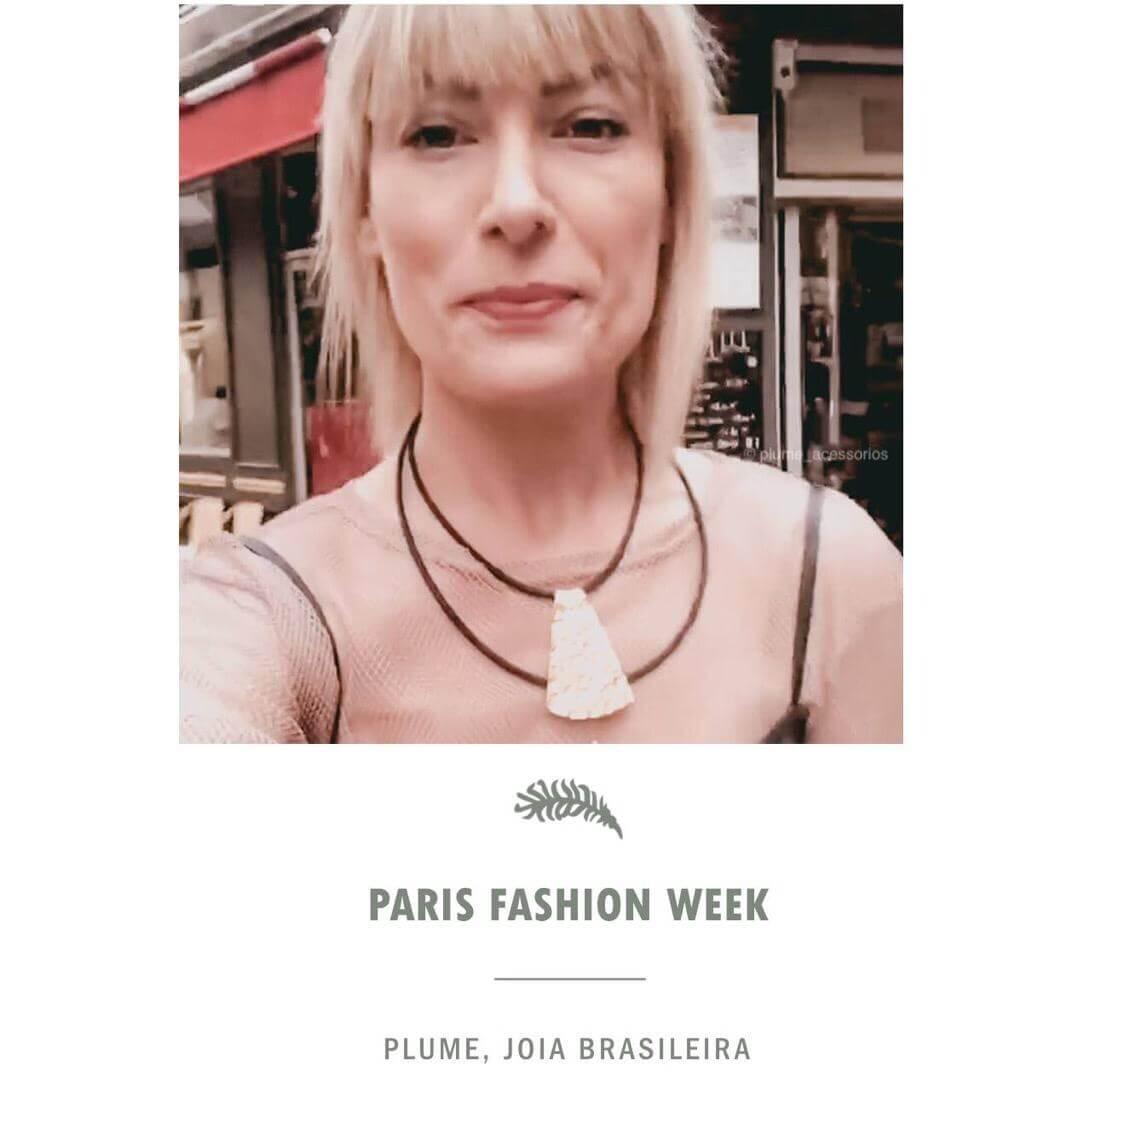 A modelo e influenciadora Tay Borges usando nosso colar Espelho no Paris Fashion Week